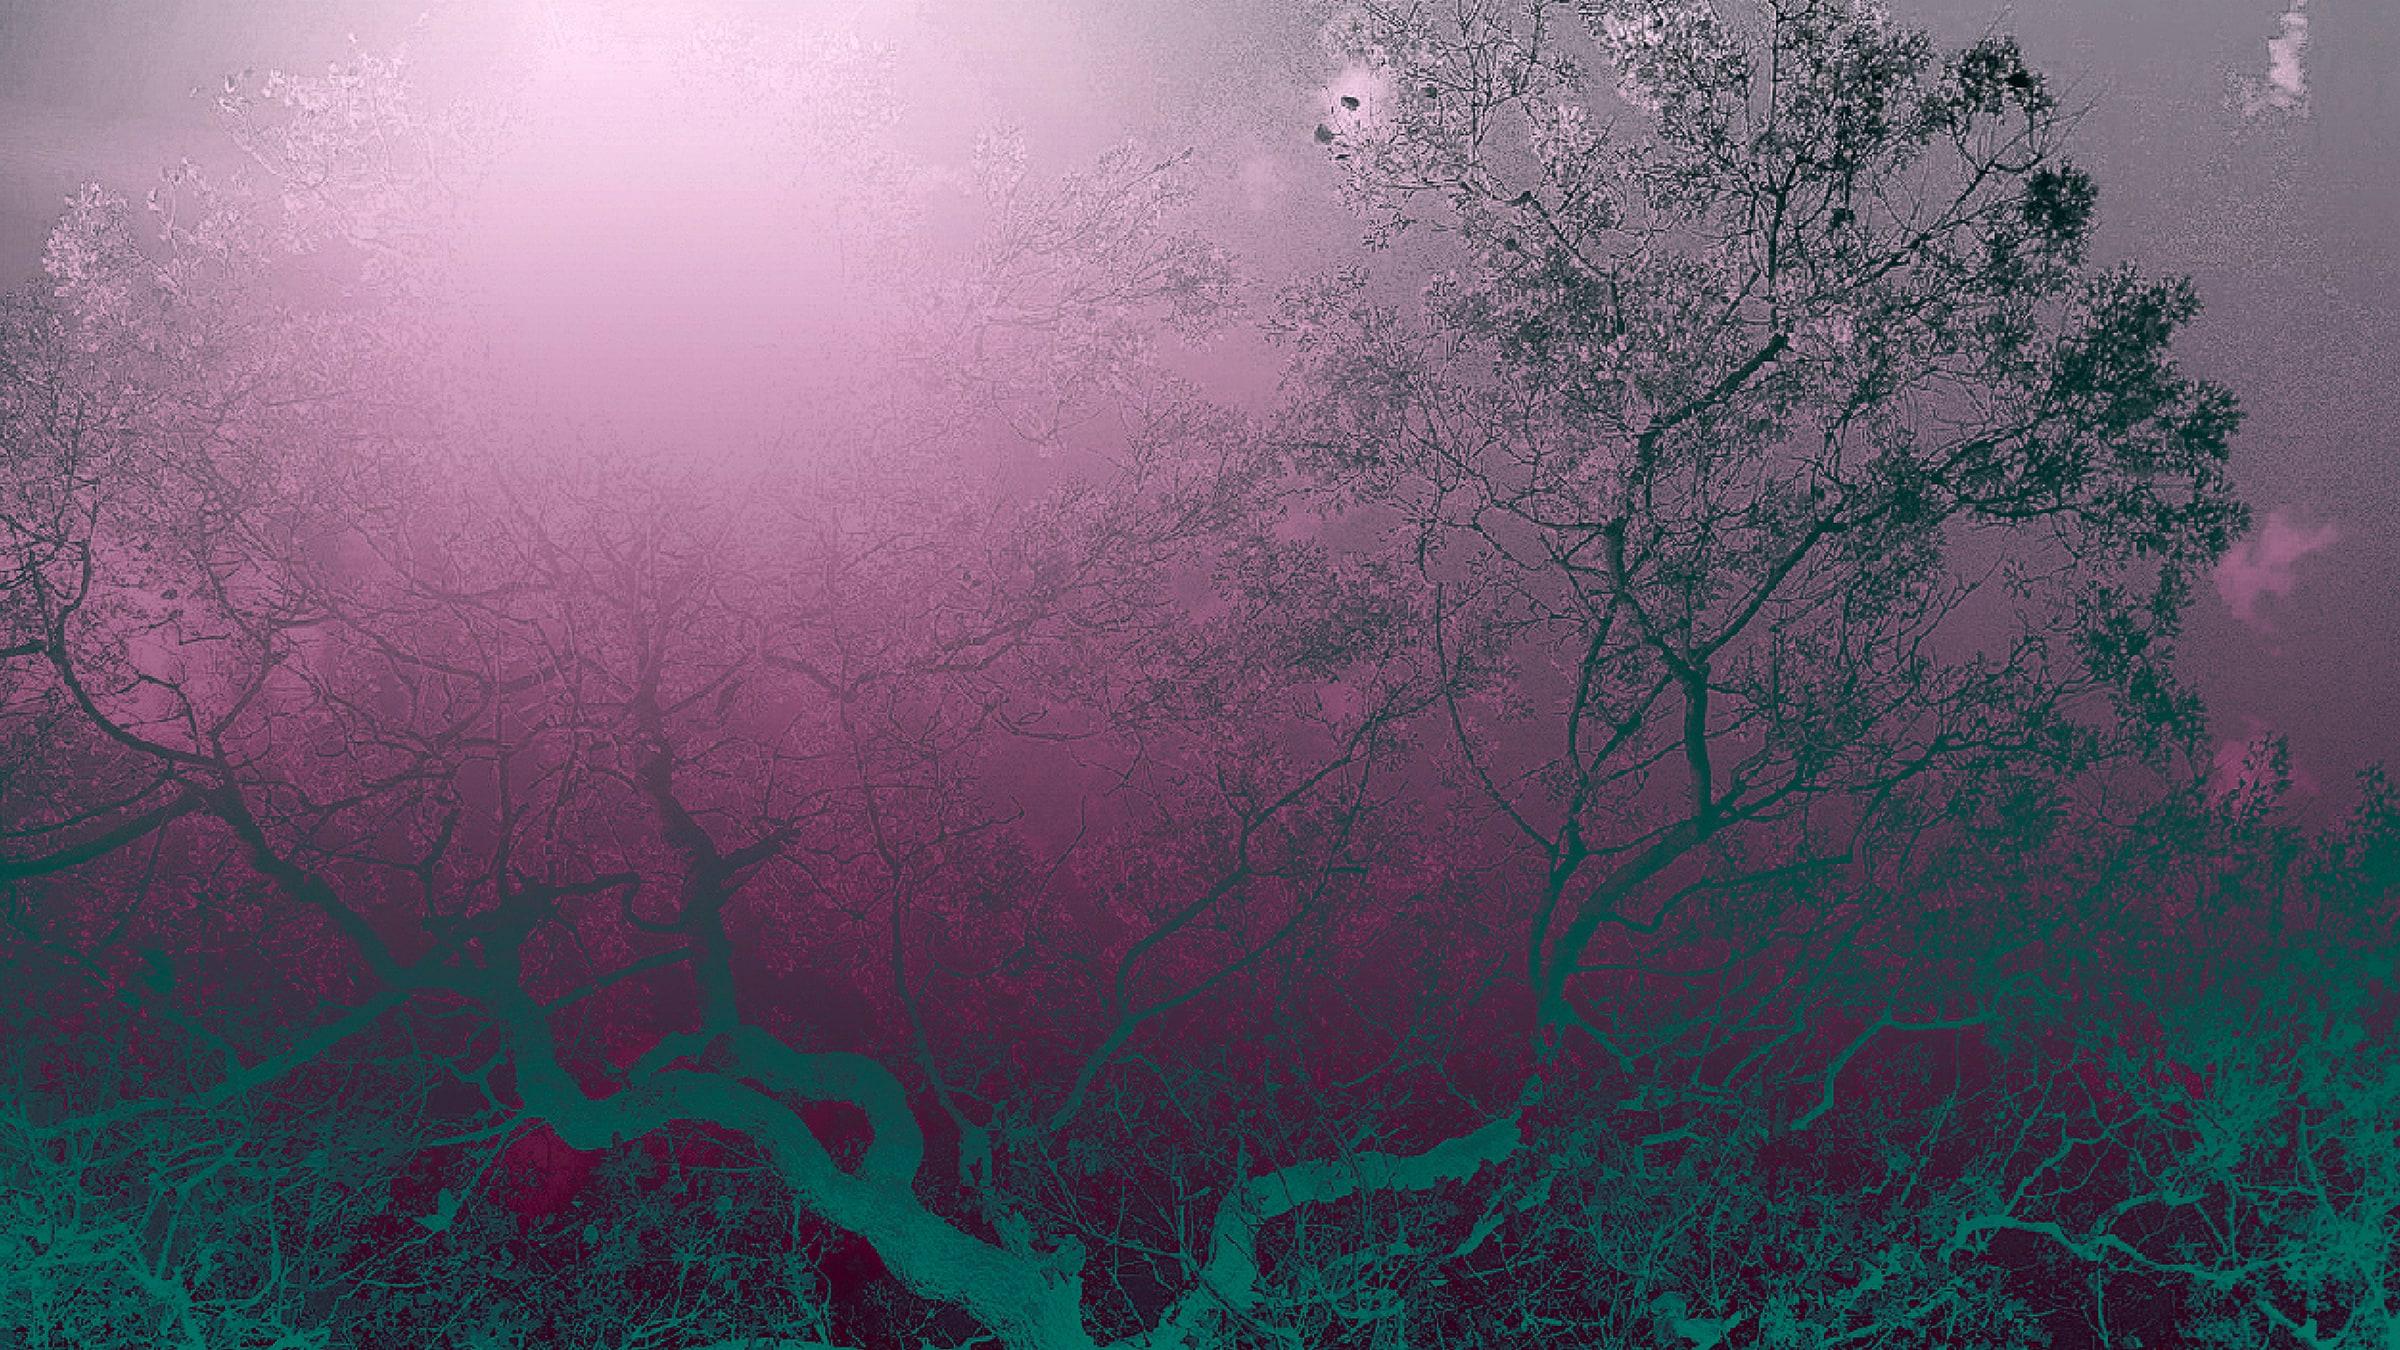 Gökyüzü Işıldıyor <br/>Çehov'a Övgü